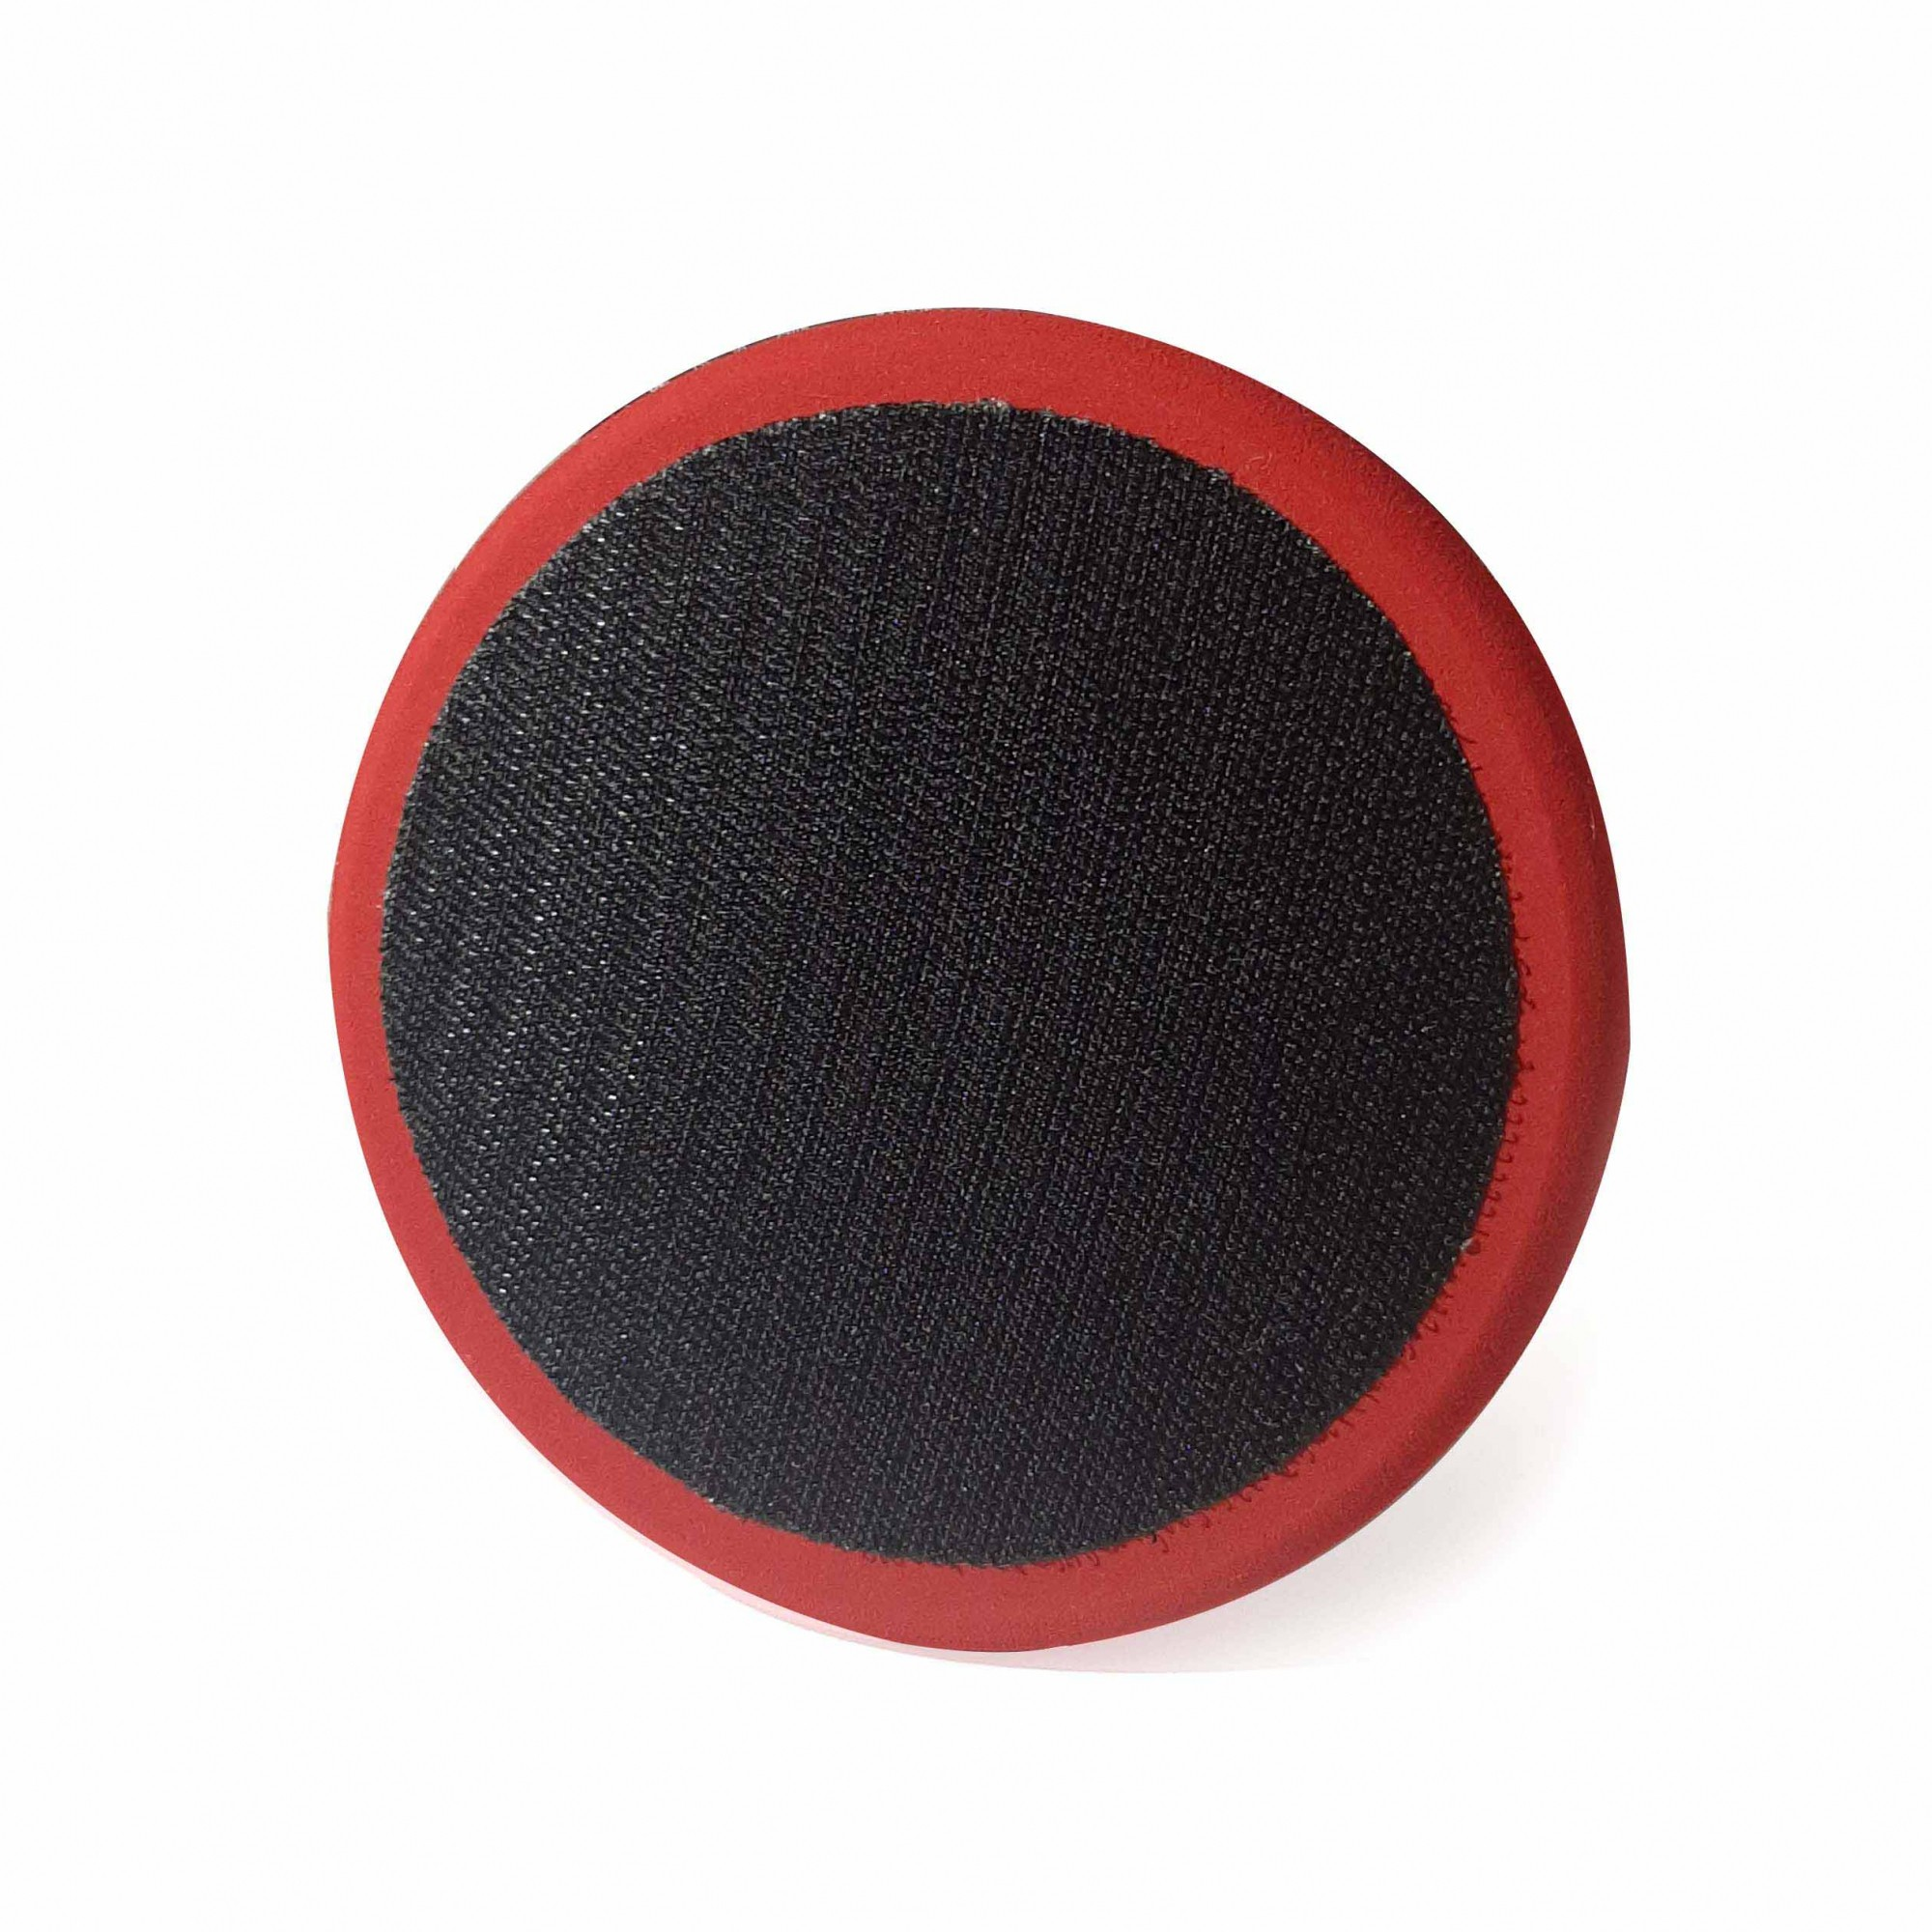 Suporte com Velcro para Boinas (Lã e Espuma) - Nº5